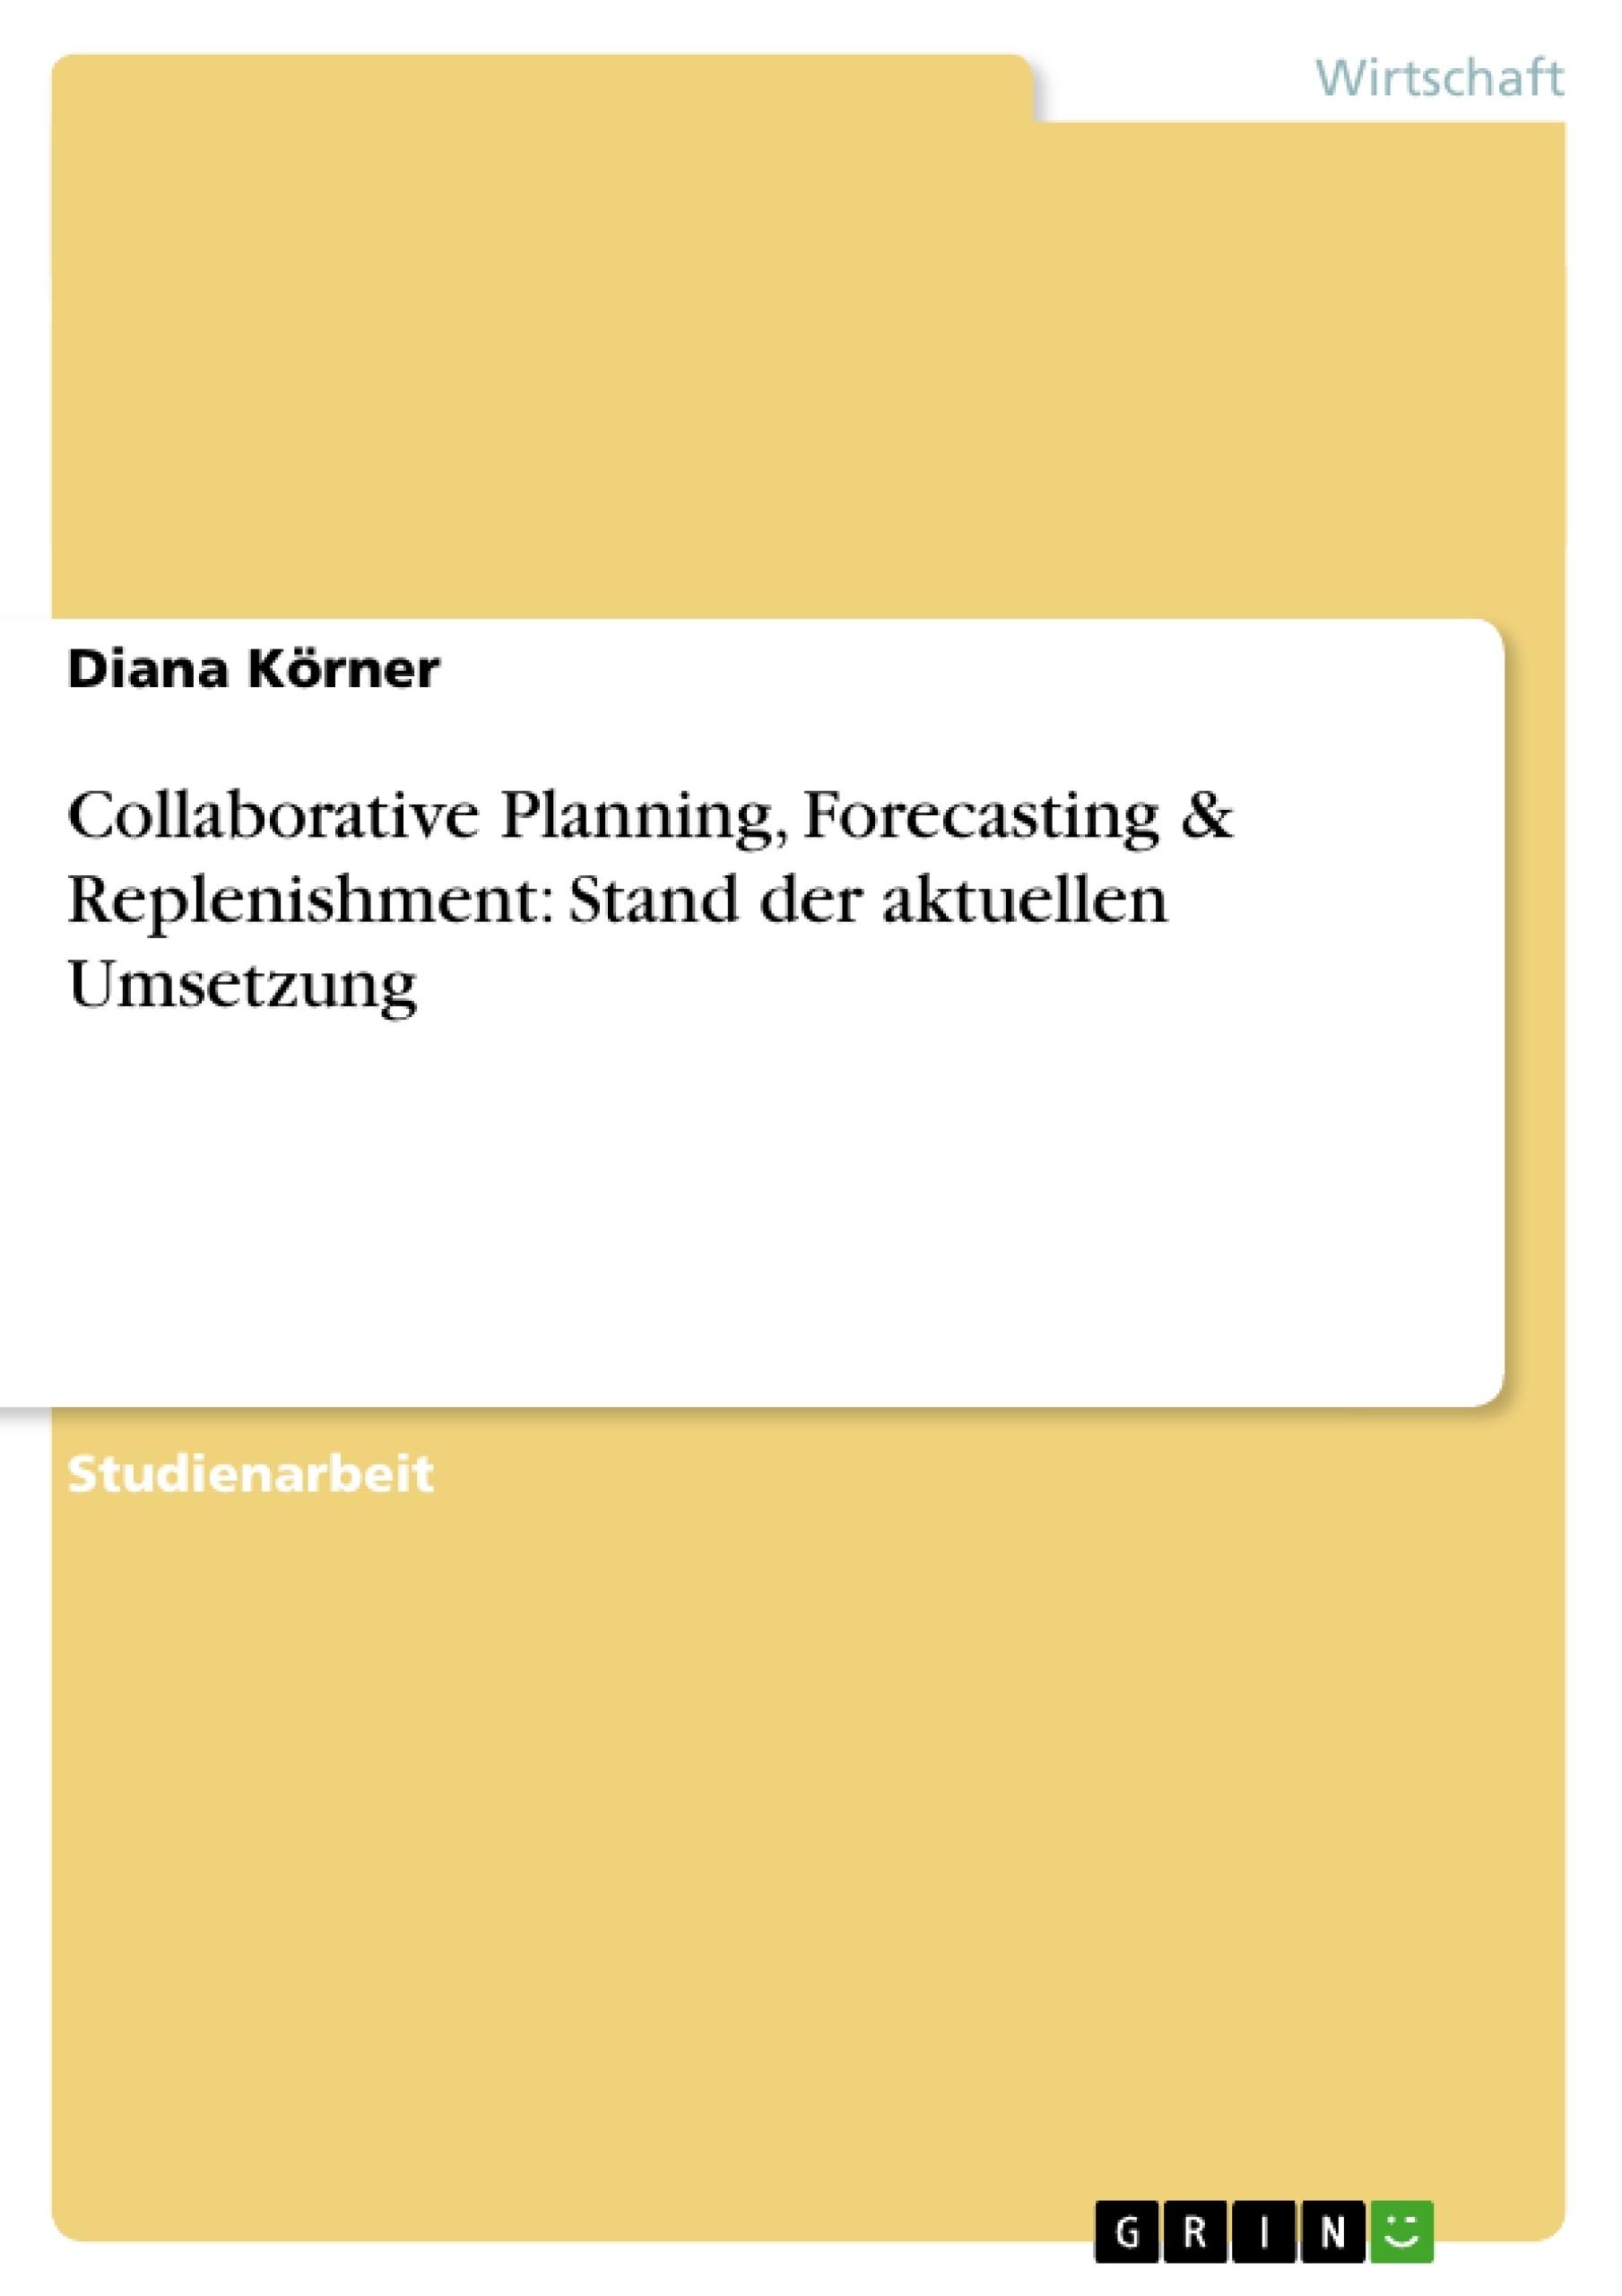 Titel: Collaborative Planning, Forecasting & Replenishment: Stand der aktuellen Umsetzung